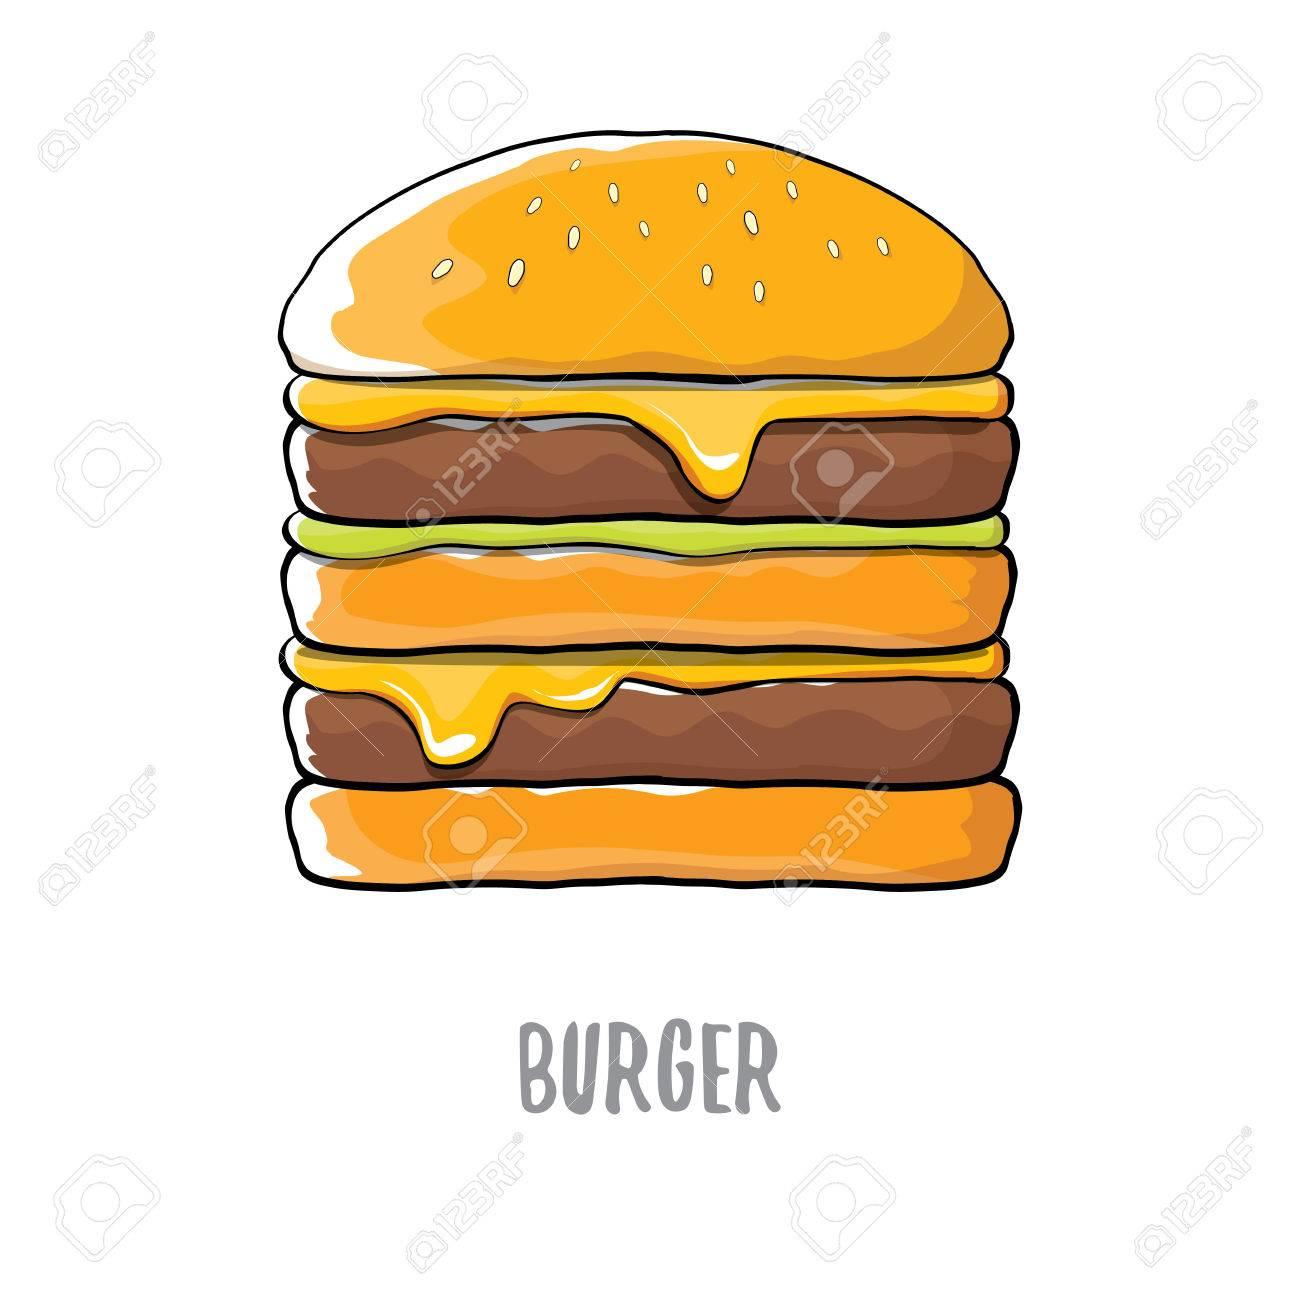 Hamburger De Dessin Animé De Vecteur Avec Fromage Viande Et Salade Icône Isolé Sur Fond Blanc Clip Art Libres De Droits Vecteurs Et Illustration Image 85864084